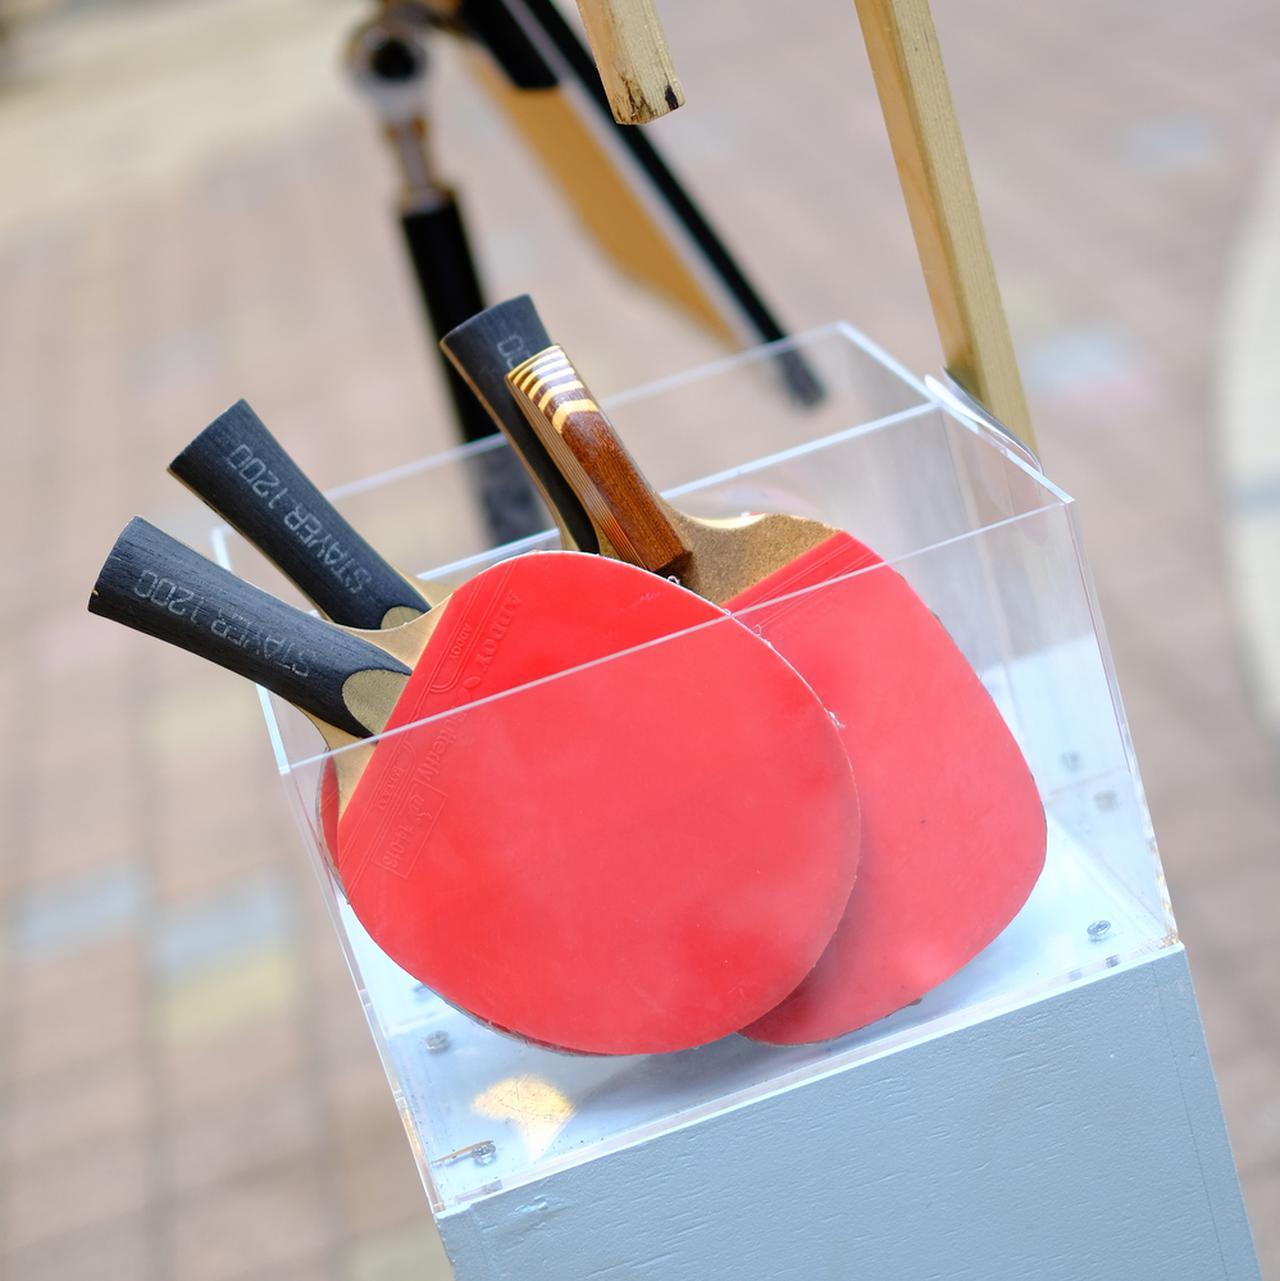 画像: 体験型のアート展示「アーケード卓球」の卓球台では、ふらりとやってきたOLさんたちが卓球を楽しむ様子も見られました。